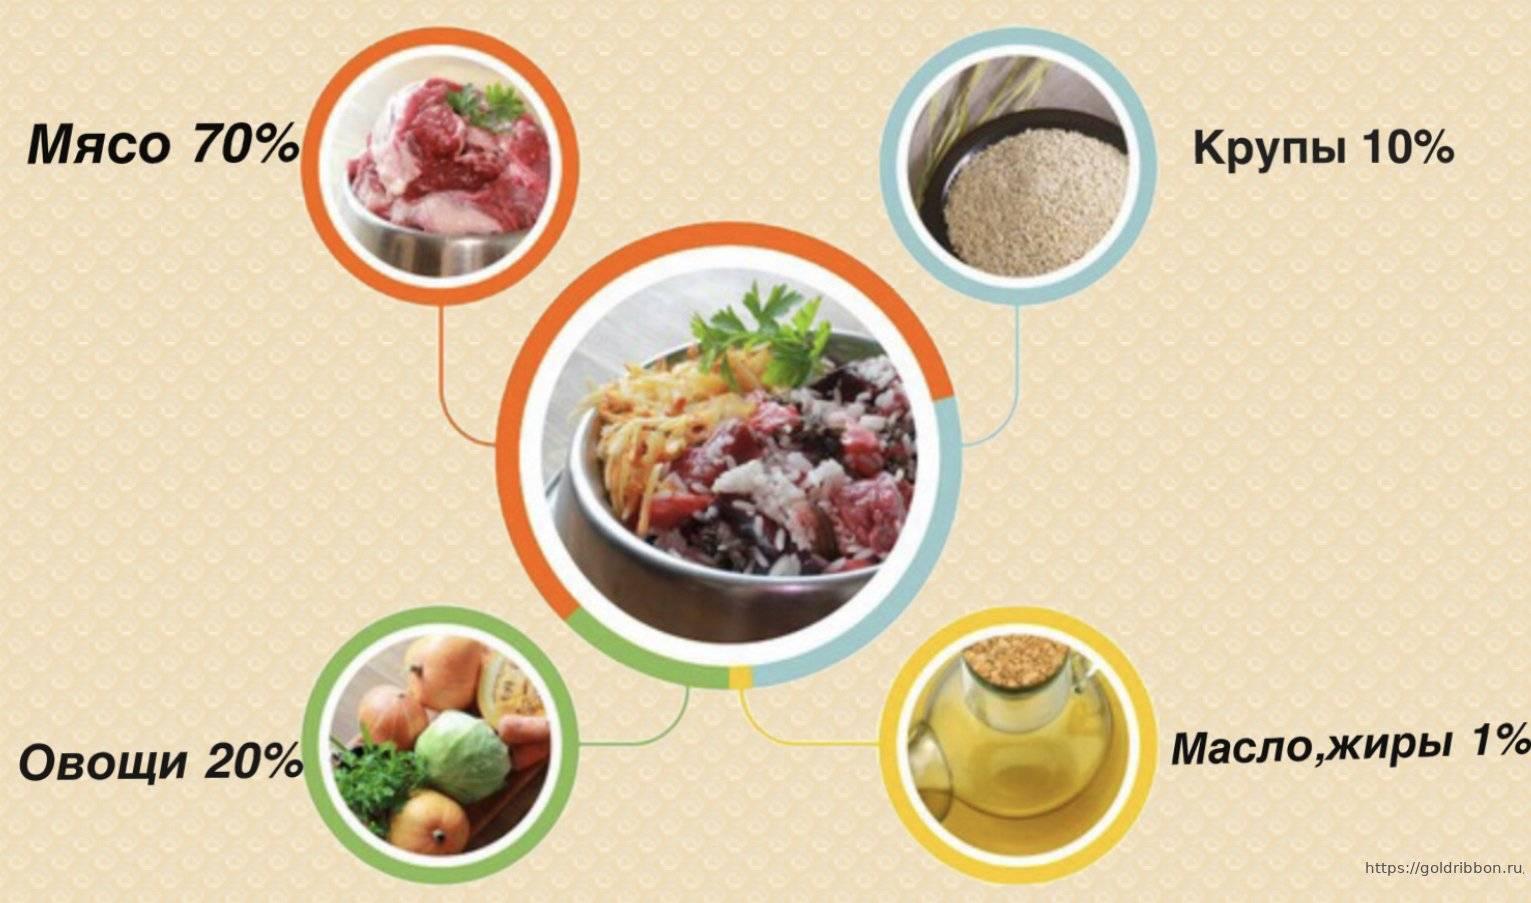 Еда для собак: натуральное питание или промышленные корма, потребность в витаминах, сколько раз кормить собаку, как правильно готовить еду, запрещенные продукты